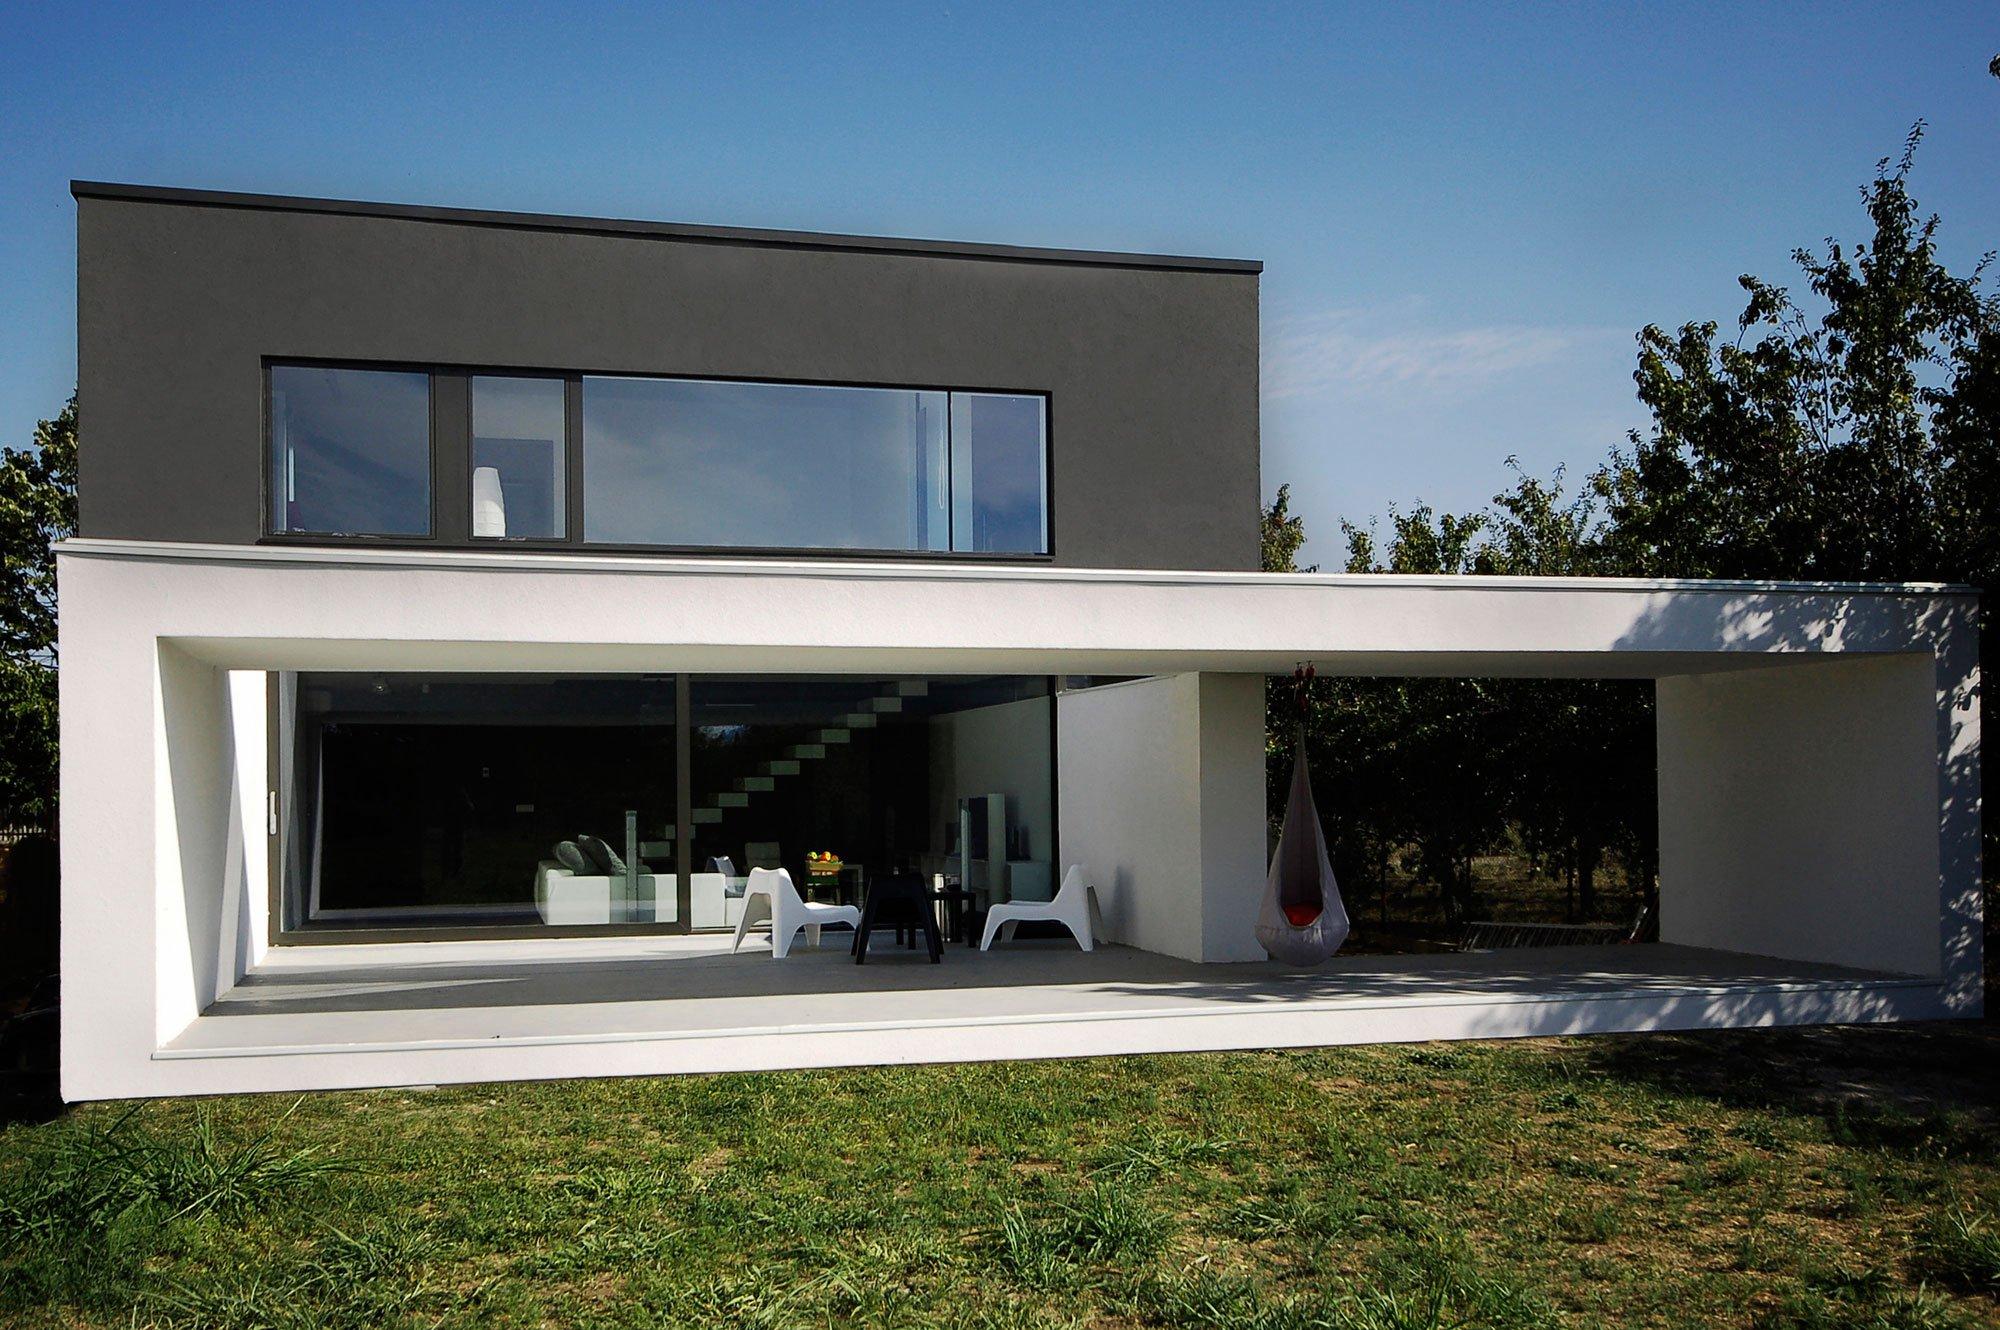 Dise o de casa moderna de dos plantas construye hogar for Planos de casas de dos pisos modernas